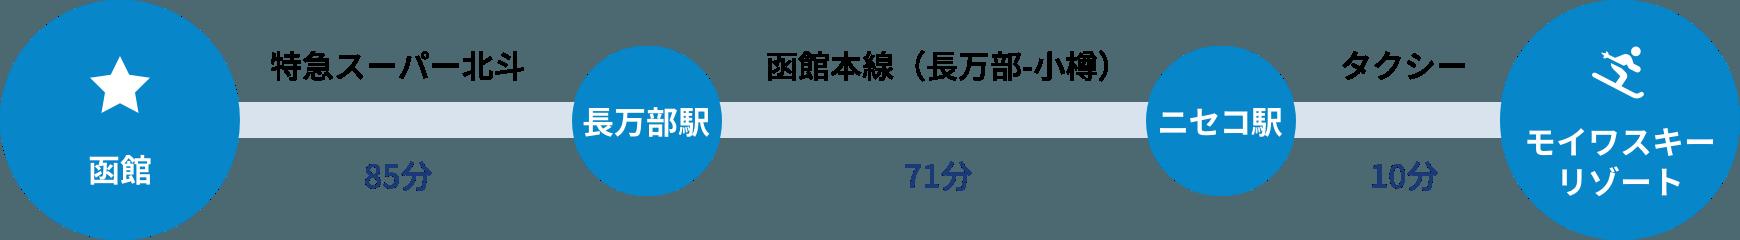 函館から特急スーパー北斗で85分、長万部駅から函館本線(長万部-小樽)71分、ニセコ駅からタクシーで10分